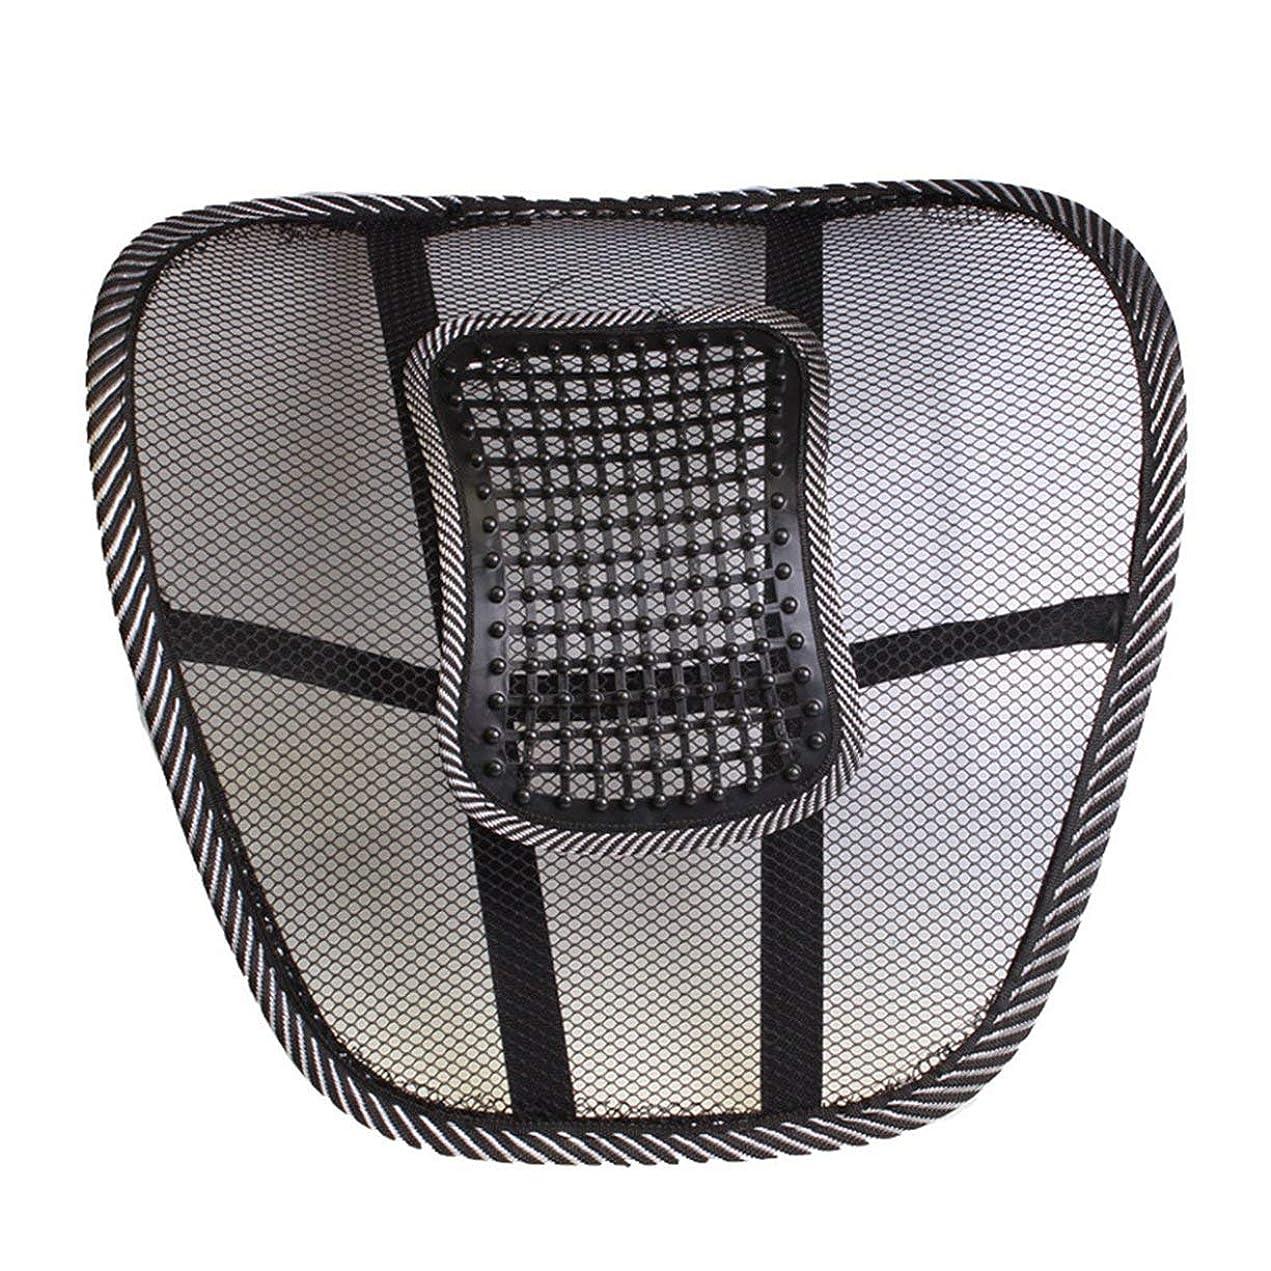 奴隷差し引く溢れんばかりのメッシュカバー付き腰椎サポートクッション腰痛緩和のためのバランスのとれた硬さ - 理想的なバックピロー